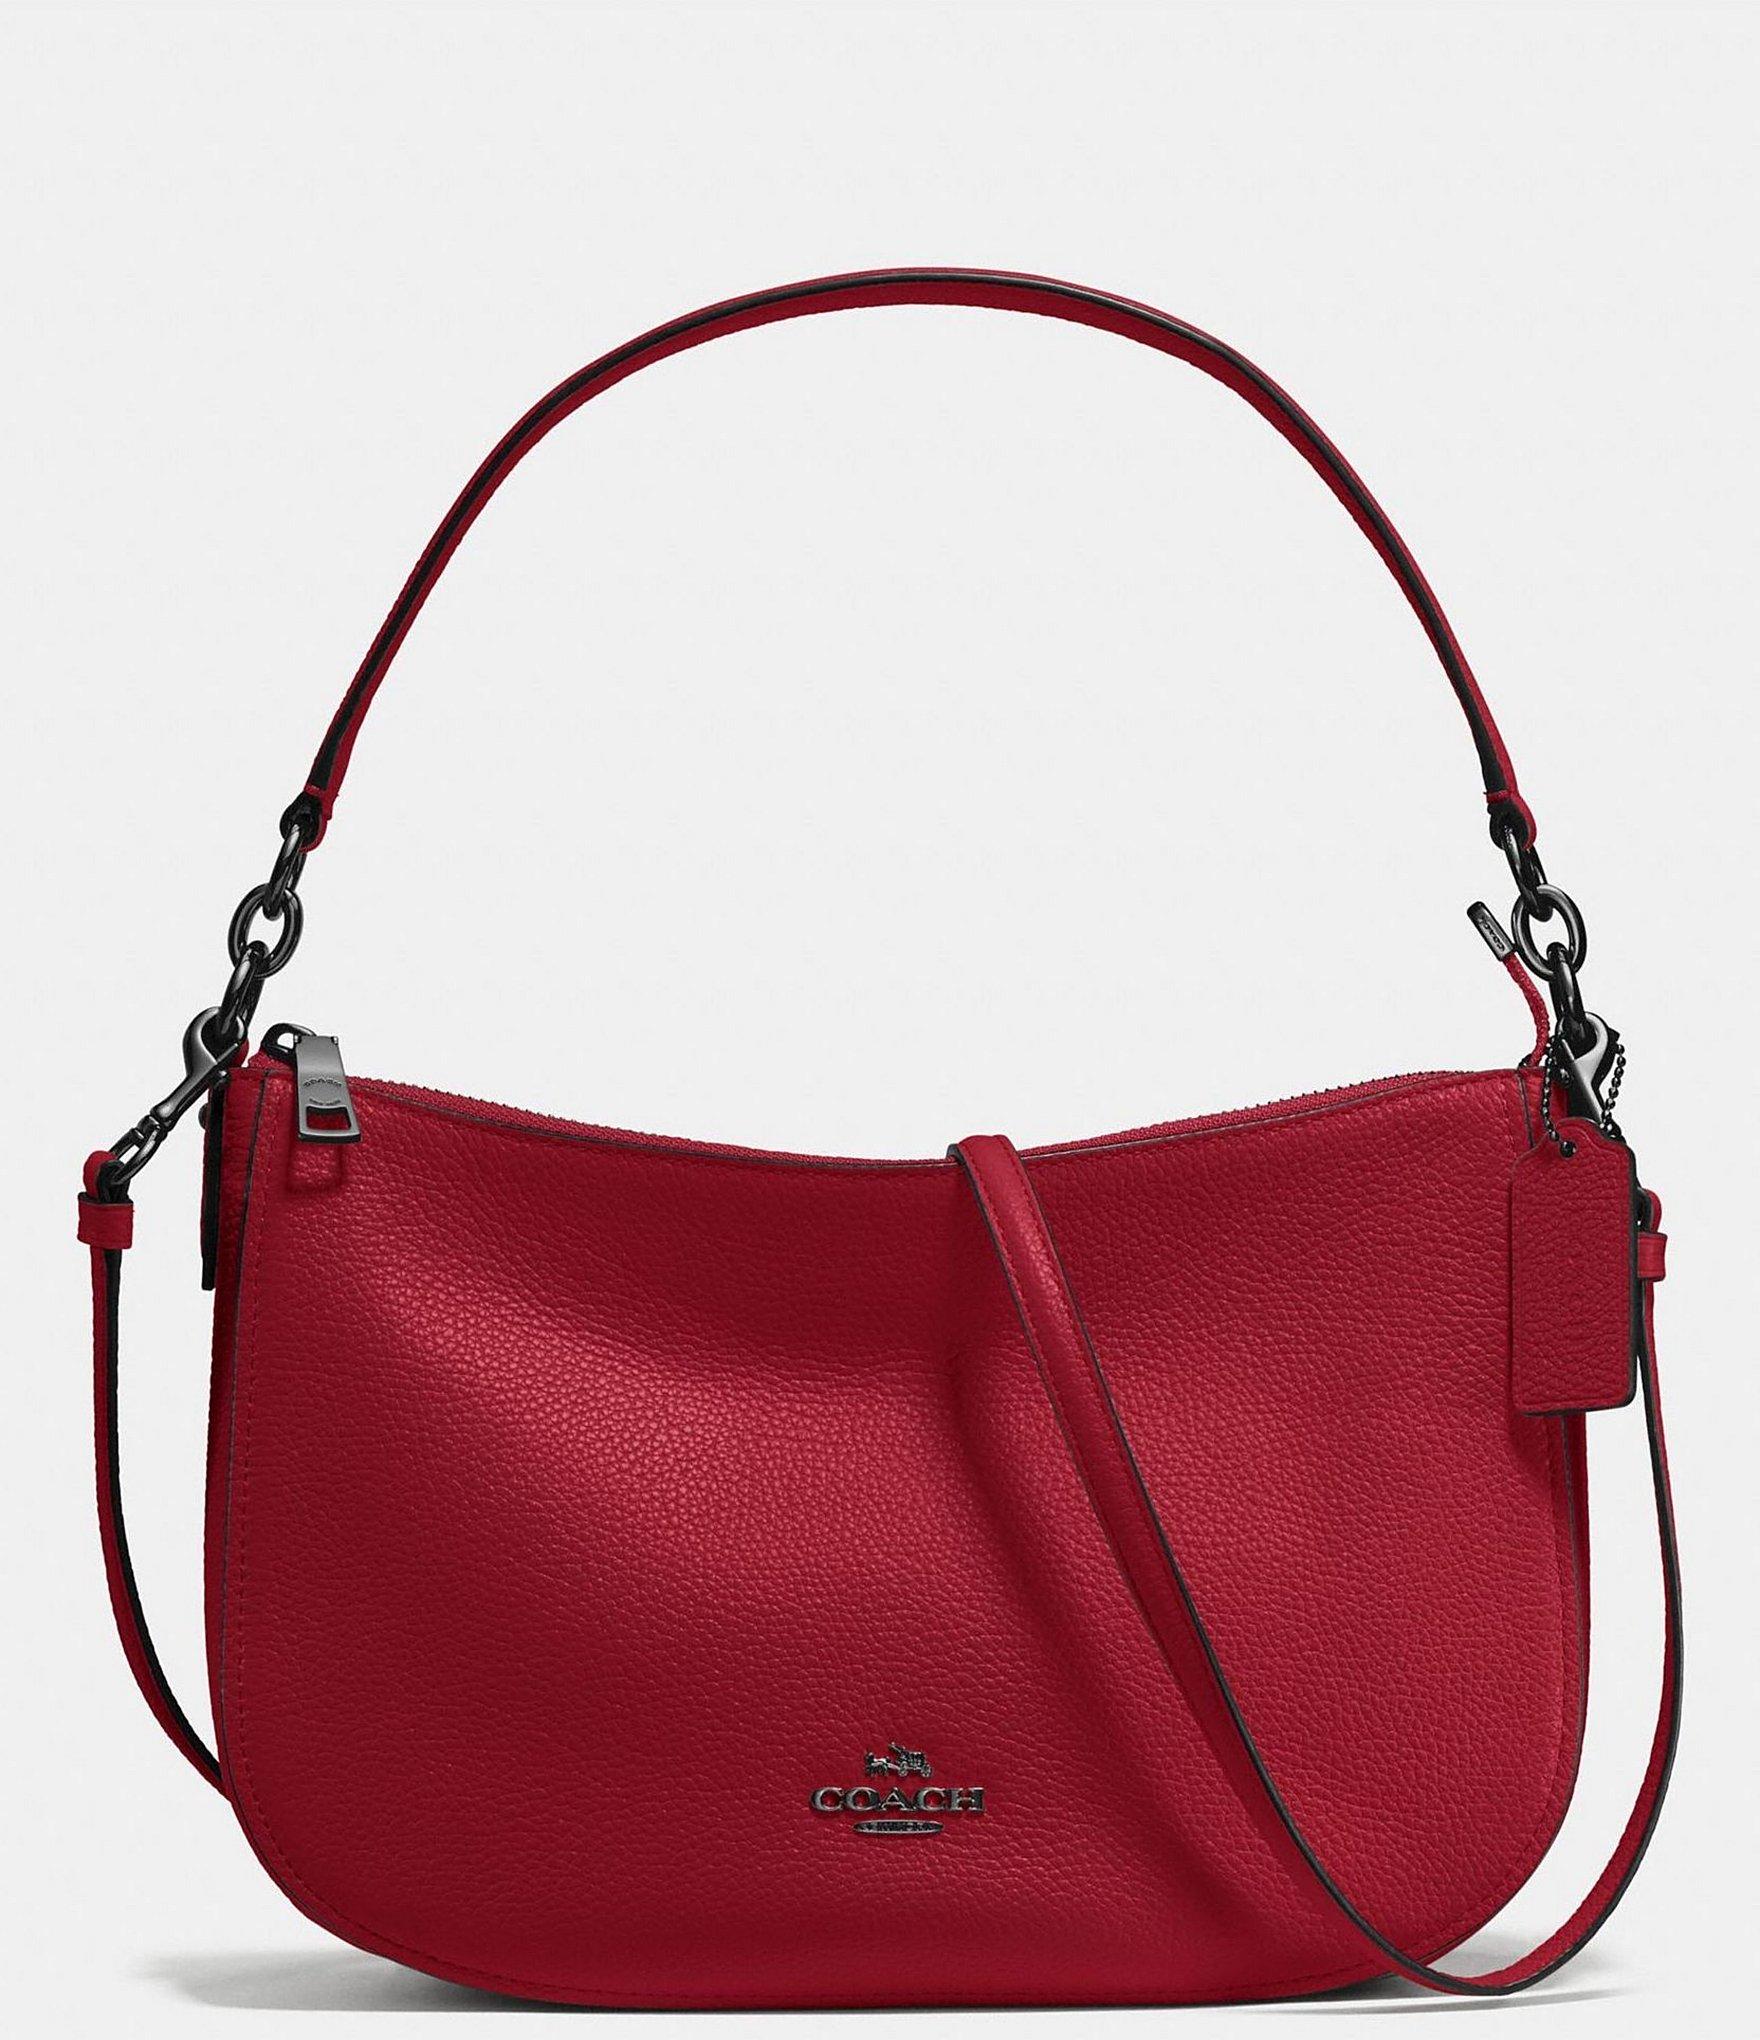 e6bc1948bea9 purple mk purse Sale,up to 58% Discounts